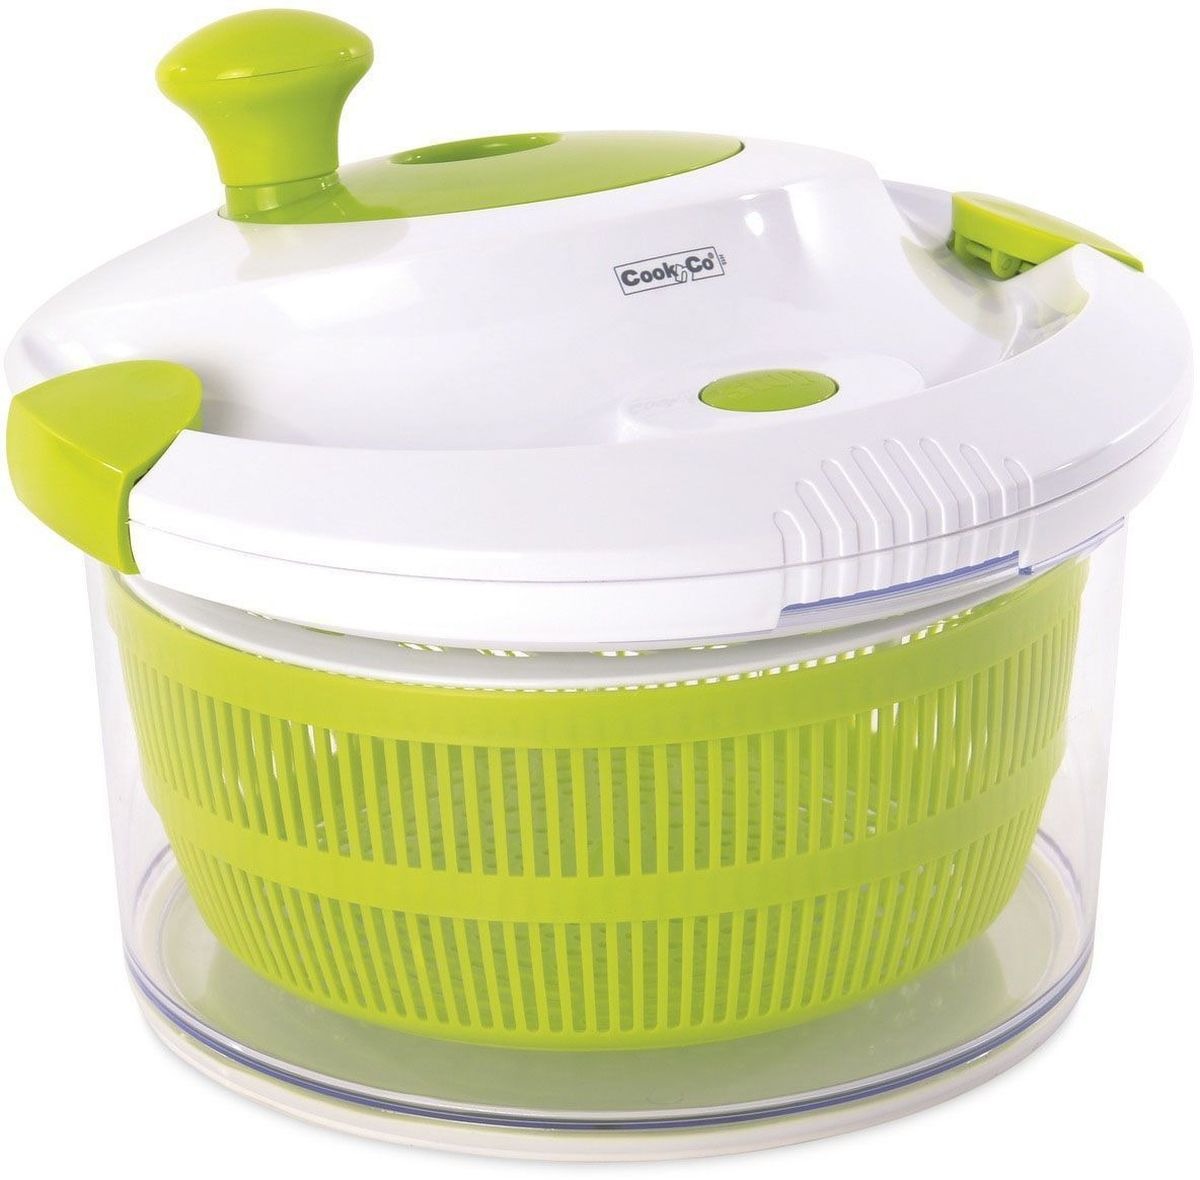 Сушилка для салата Cook&Co,28001222800122Подходит для мытья и сушки салатной зелени, фруктов и овощей. Легко вращающаяся ручка. Зажимы на крышке обеспечивают безопасную сушку. Прозрачное основание может быть использовано для сервировки. Кнопка быстрой остановки . Миска 4,7 л. Имеет нескользящее основание. Подходит для мытья в посудомоечной машине.